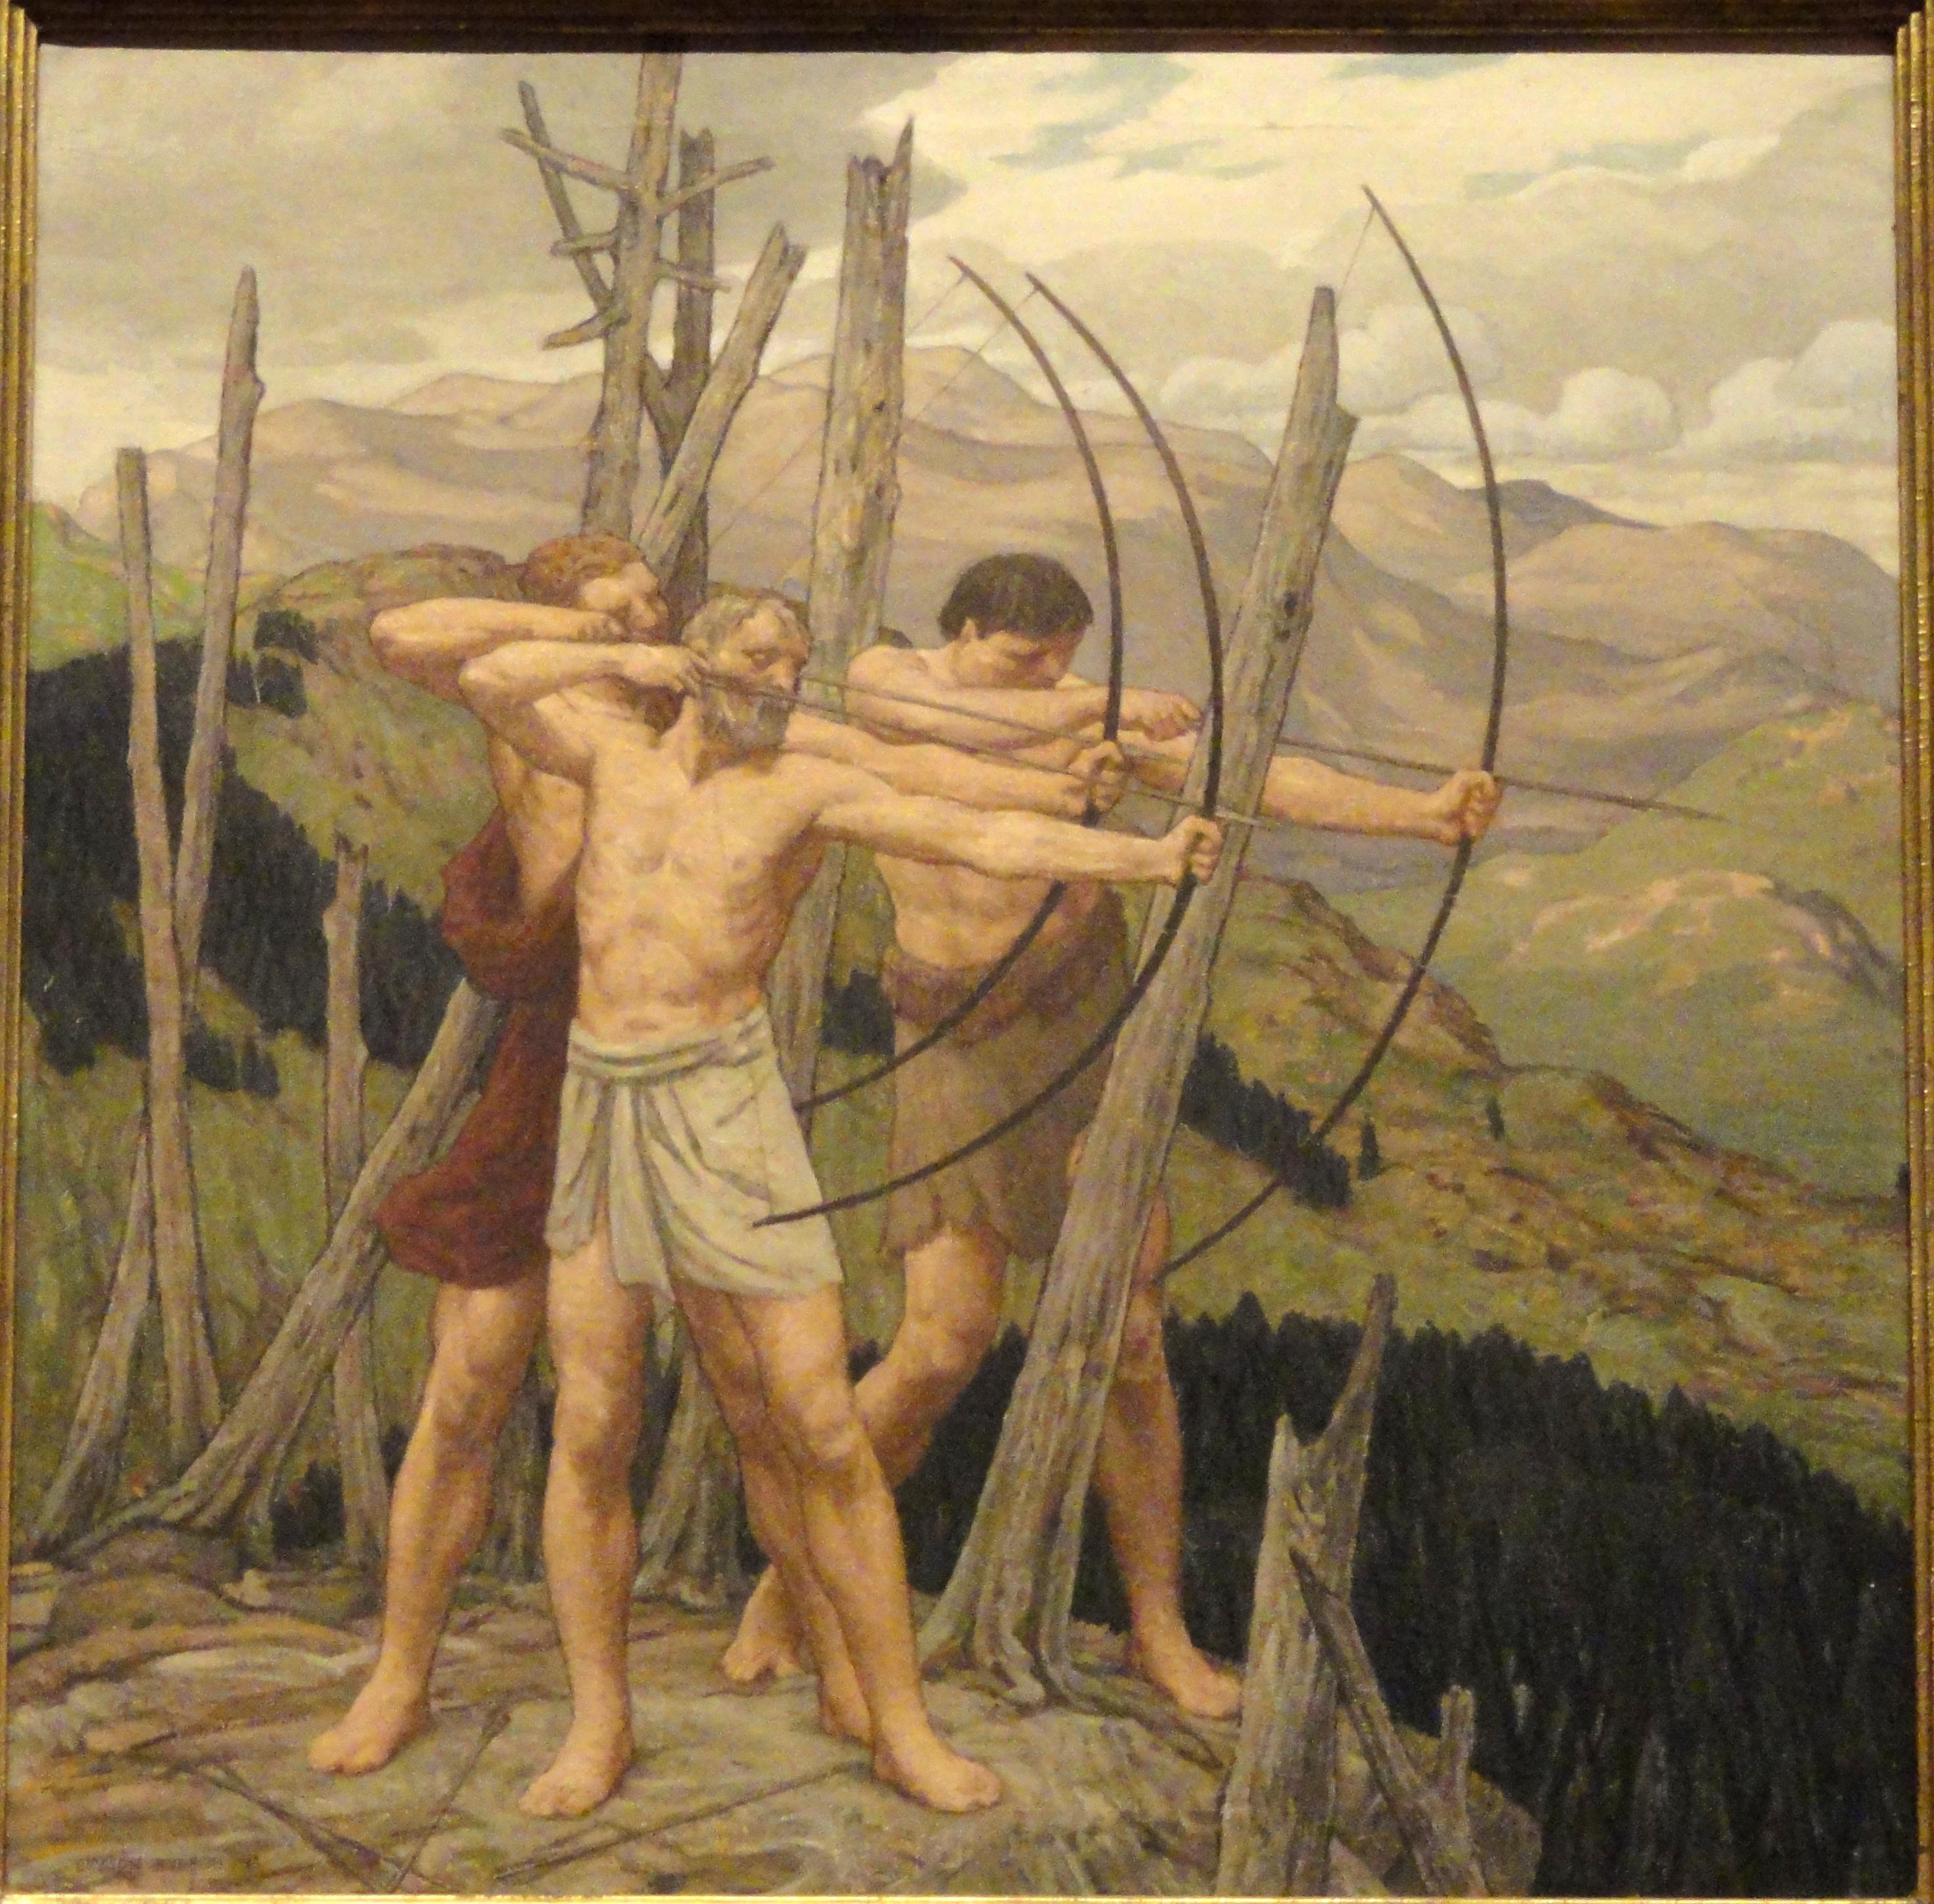 The_Archers_by_Bryson_Burroughs_-_Renwick_Gallery_-_DSC08383.JPG